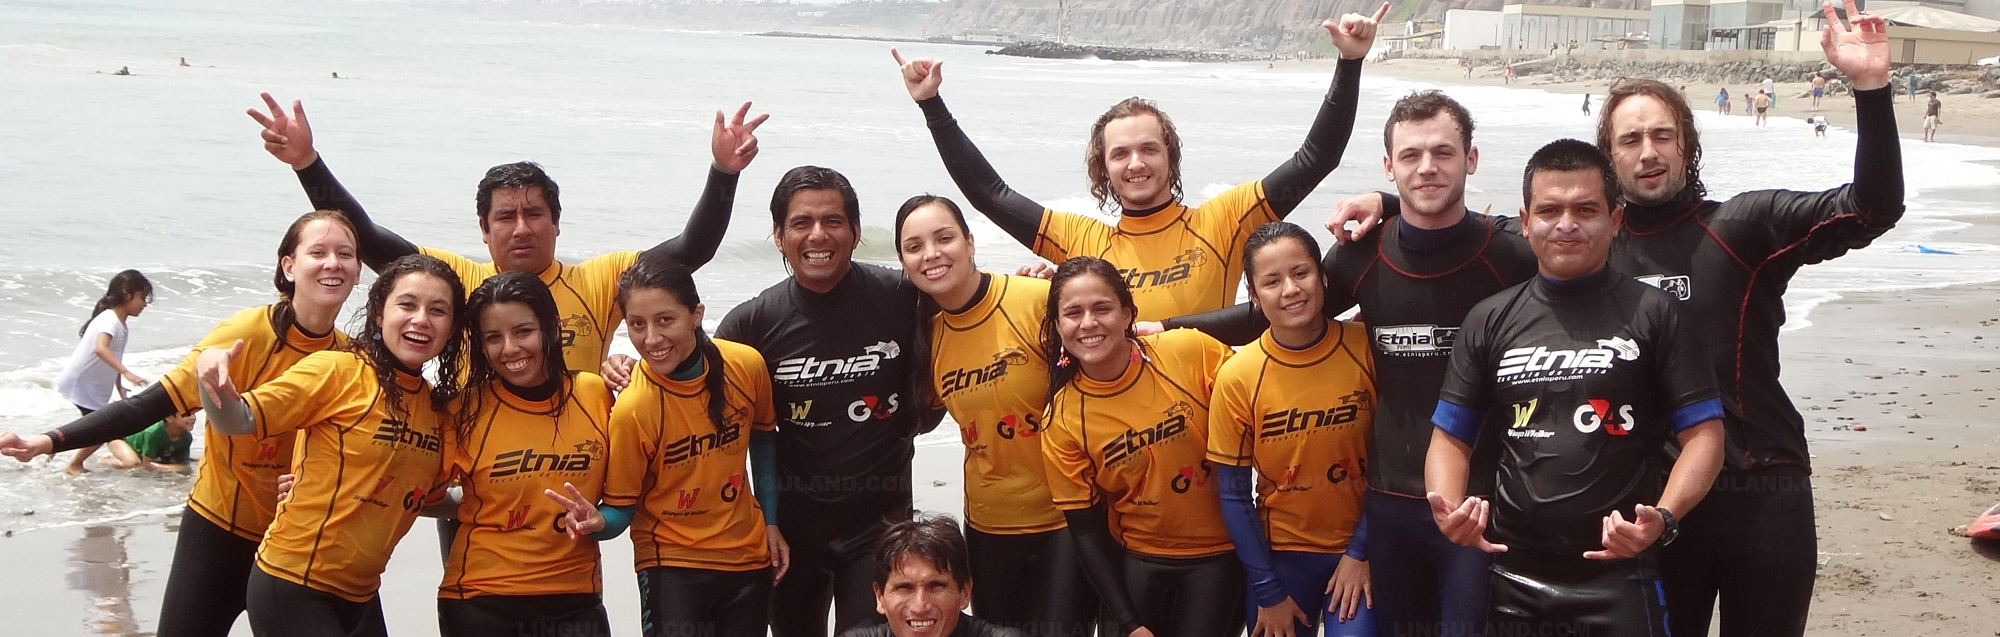 Sprachreise und  Bildungsurlaub in Peru